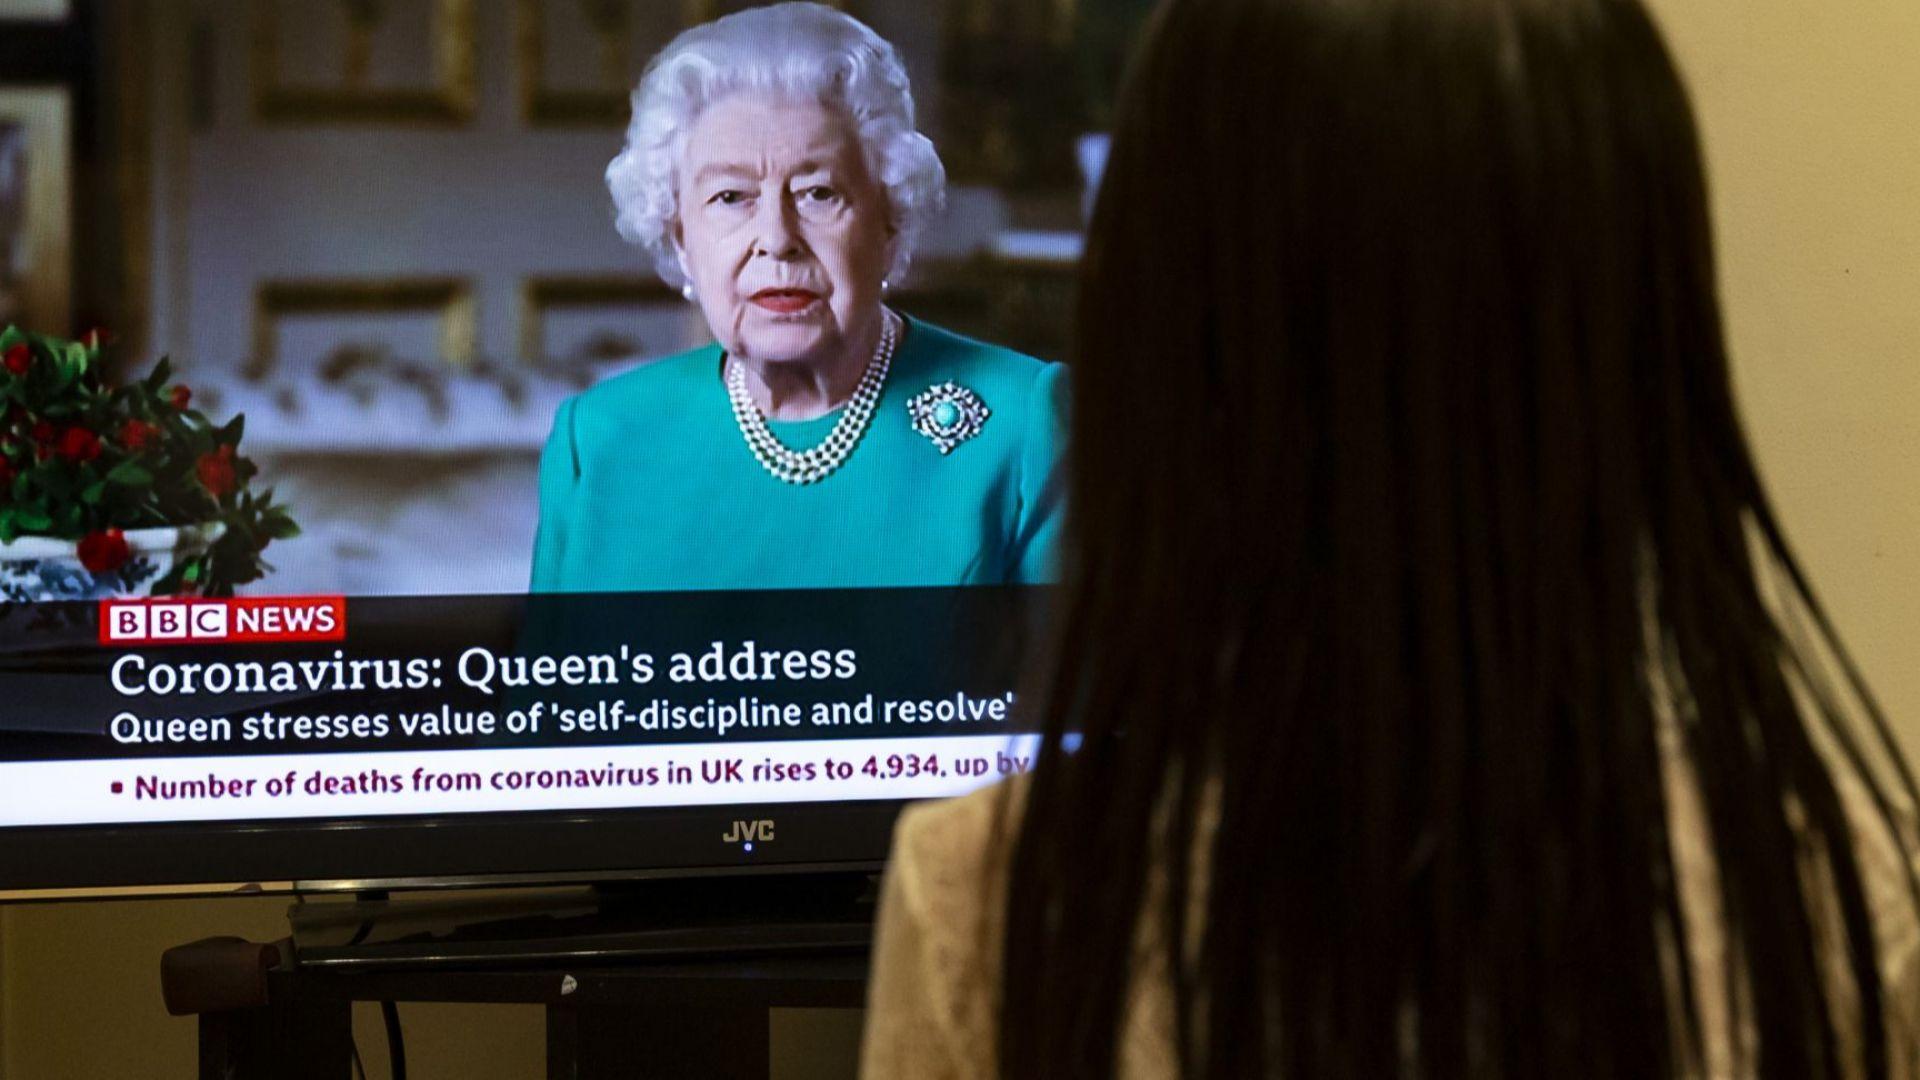 Обръщението на британската кралица Елизабет Втора към нейните поданици късно